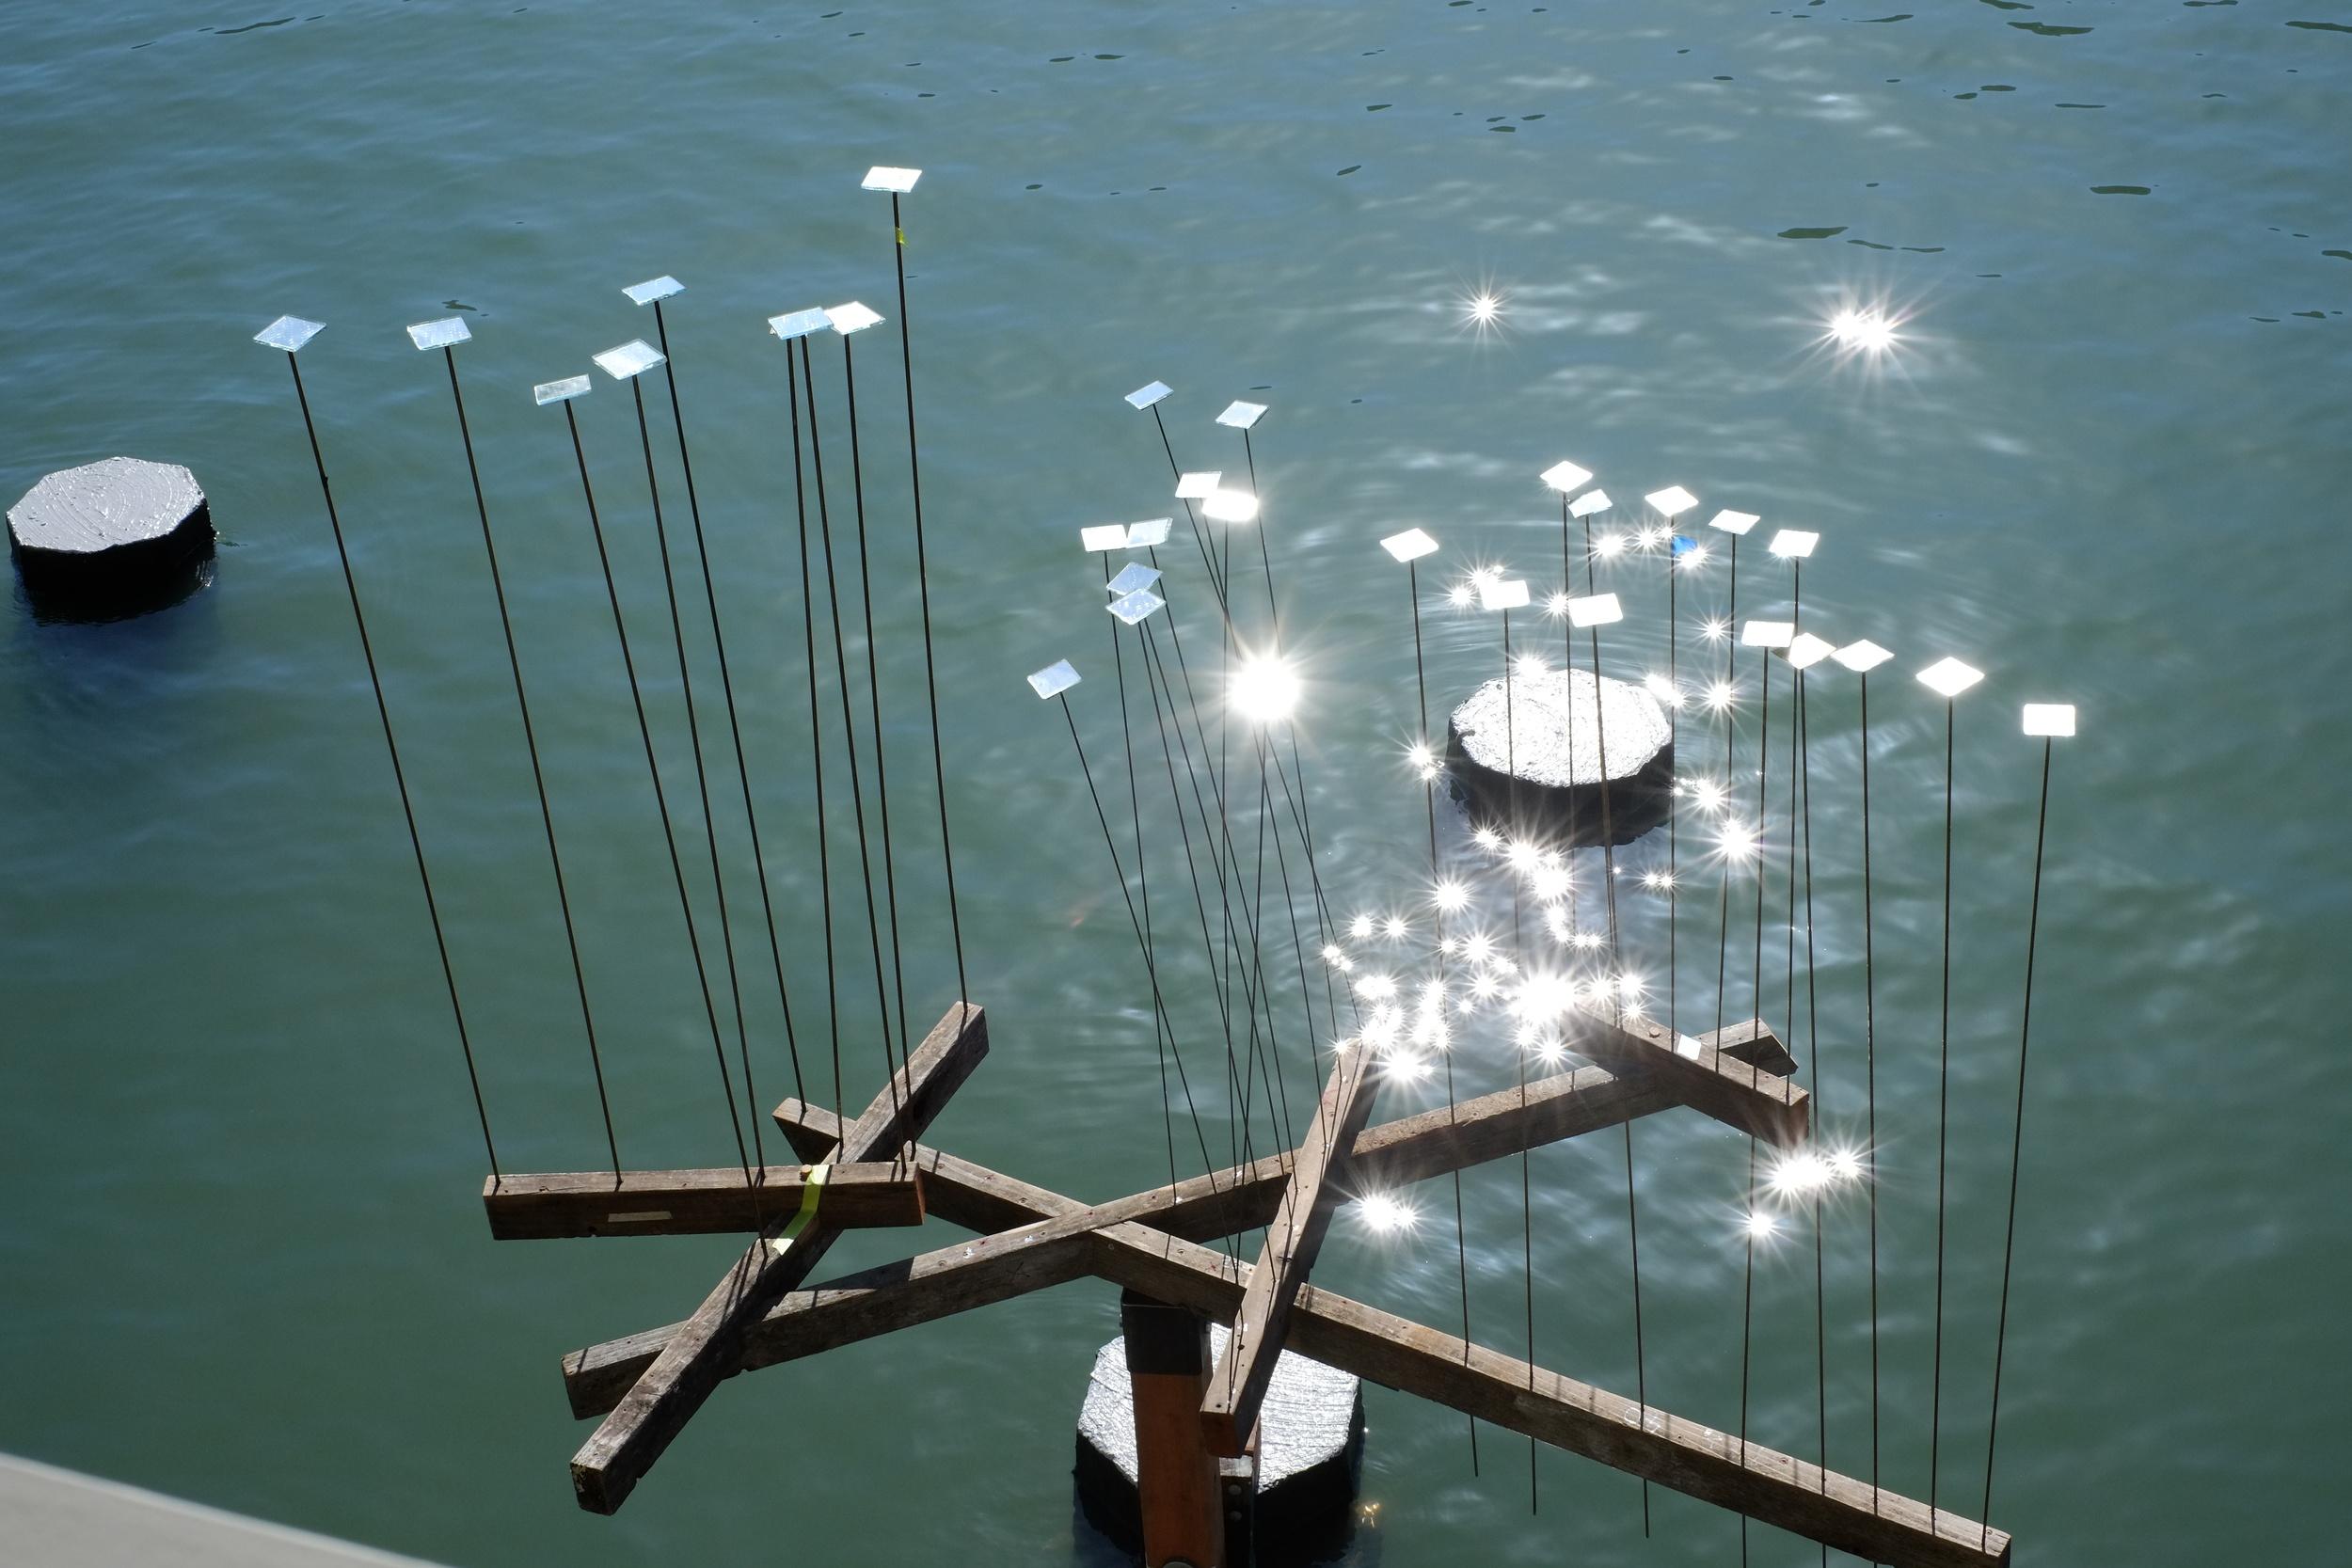 Sun Swarm